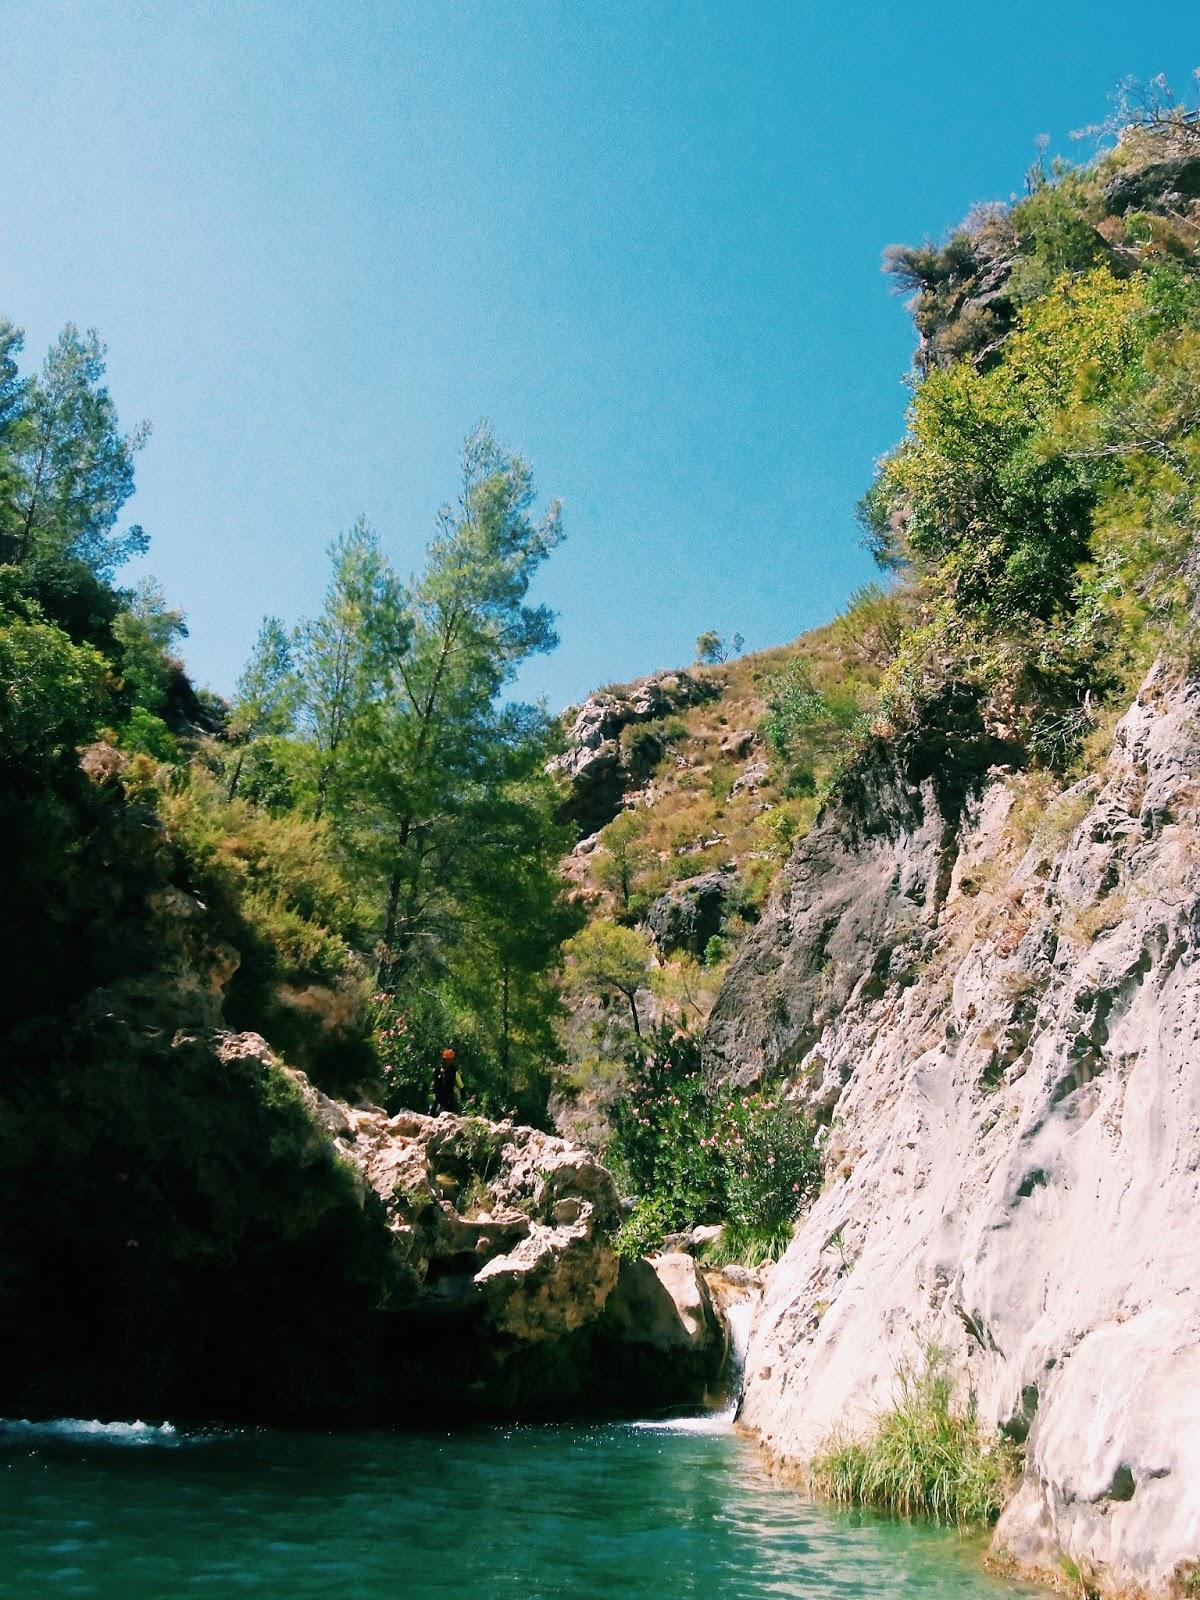 paisaje-naturaleza-rio